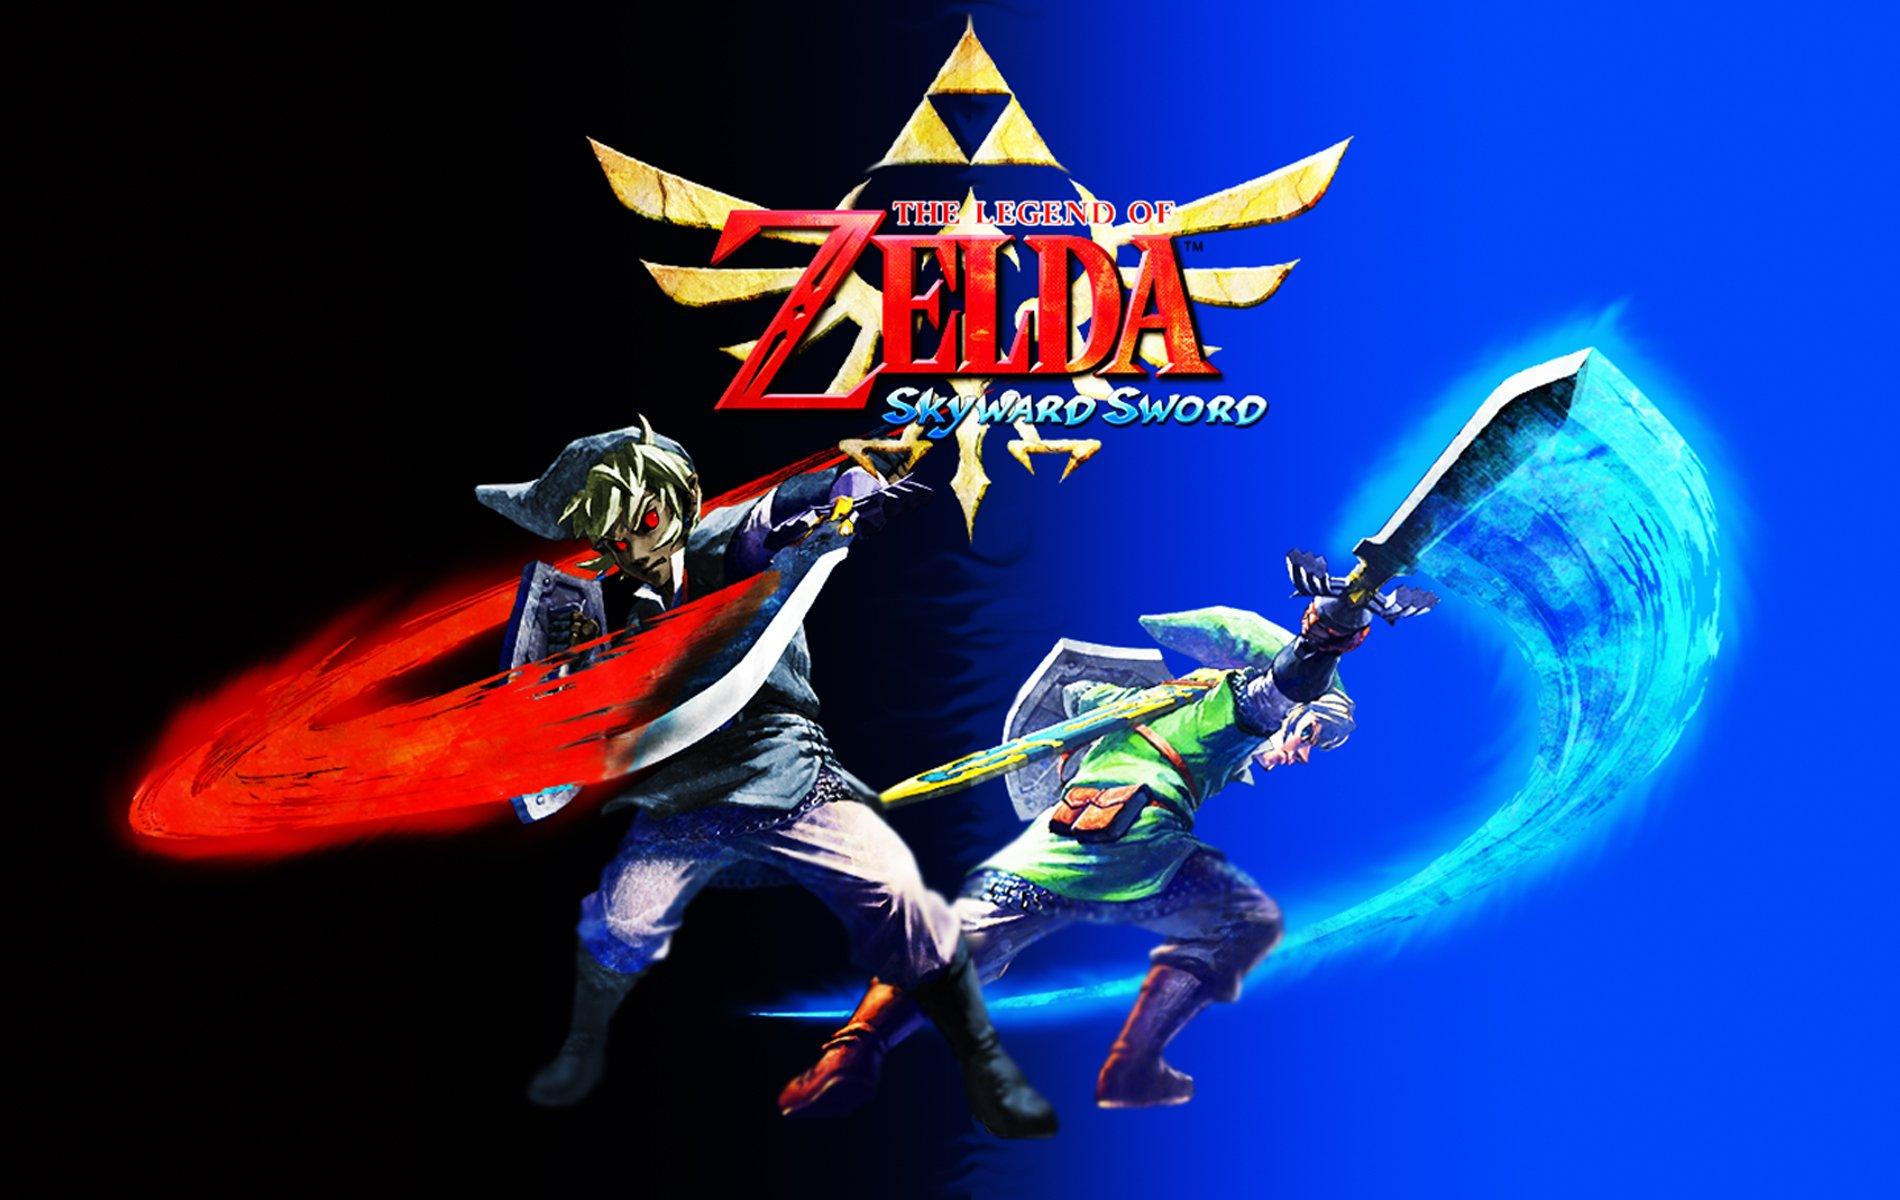 Link The Legend Of Zelda Skyward Sword Wallpaper 1900x1200